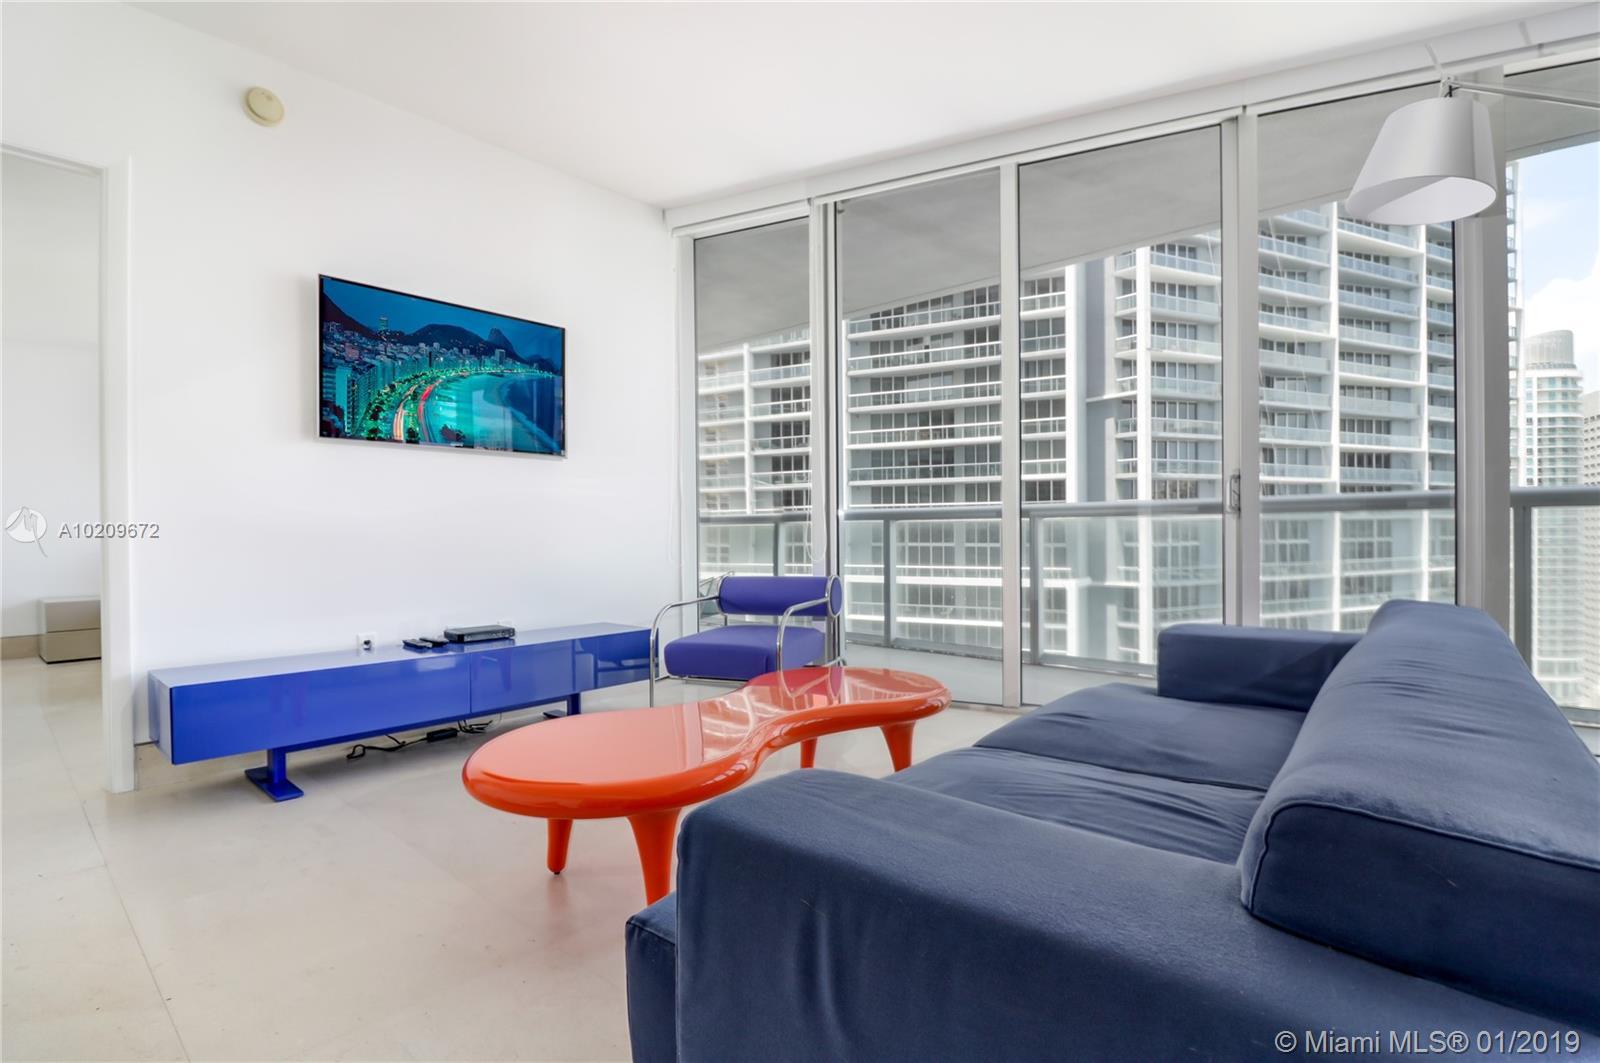 495 Brickell Ave, Miami, FL 33131, Icon Brickell II #2904, Brickell, Miami A10209672 image #10